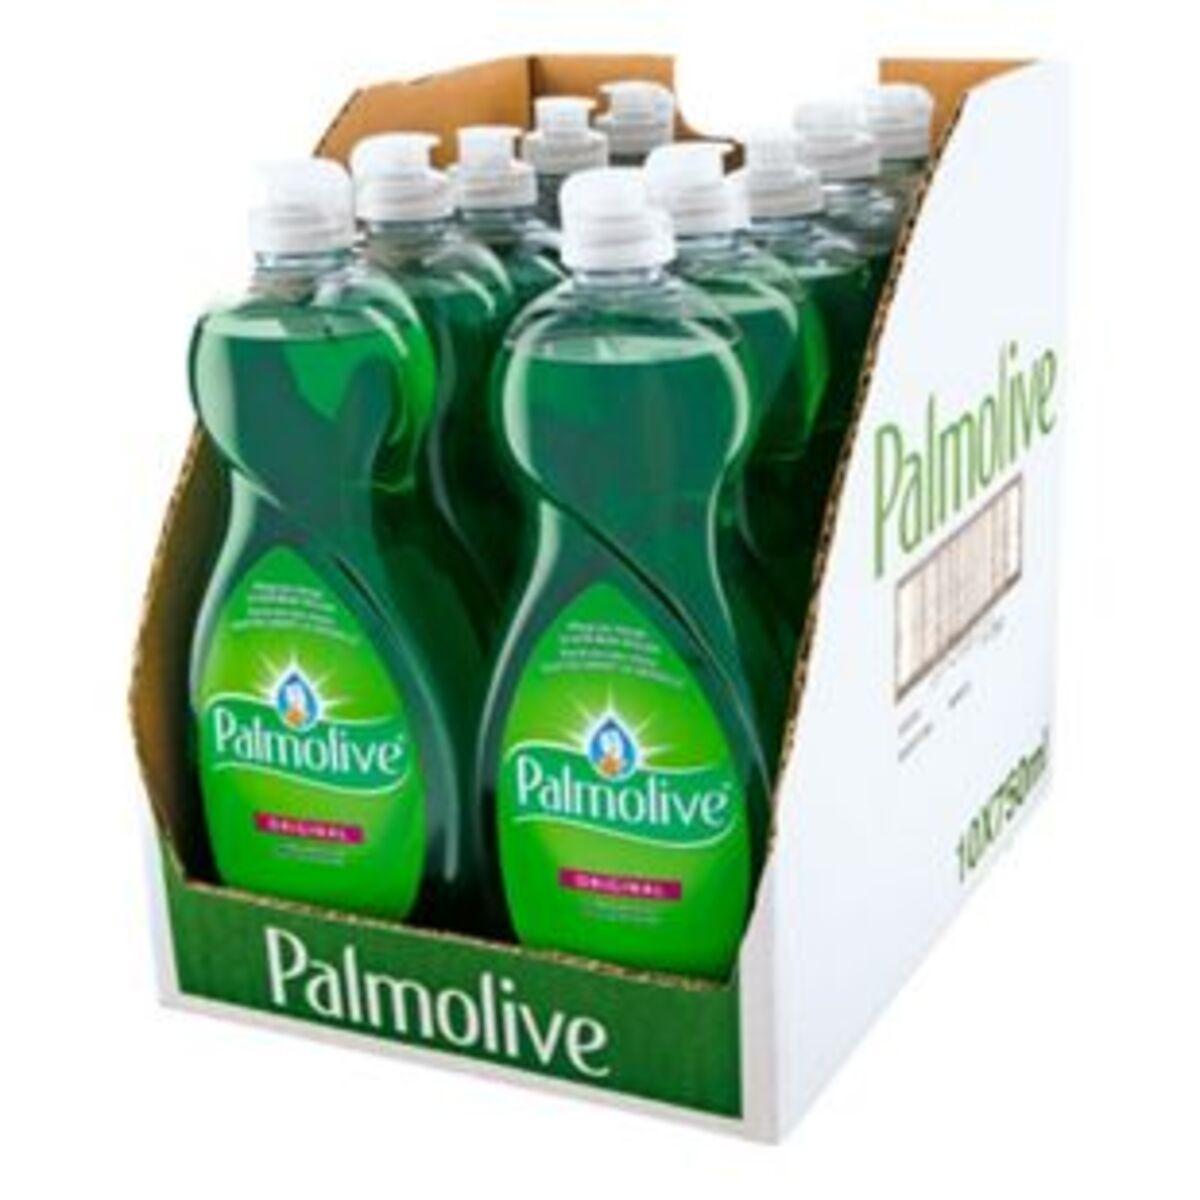 Bild 2 von Palmolive Spülmittel Original 750 ml, 10er Pack